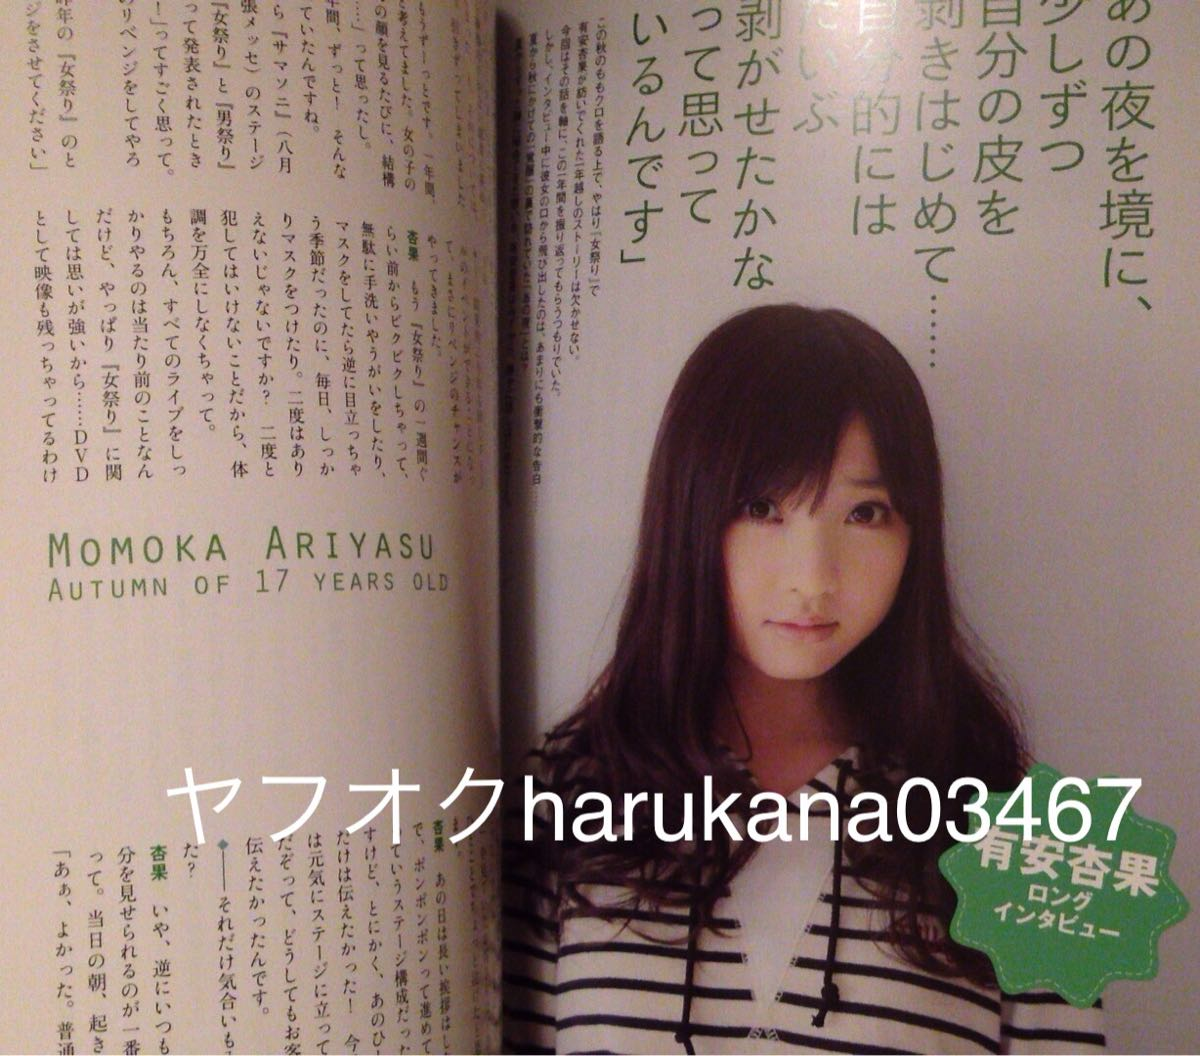 ヤフオク! - Quick Japan 2012年 星野源 8P 人の人生に刺さっ...